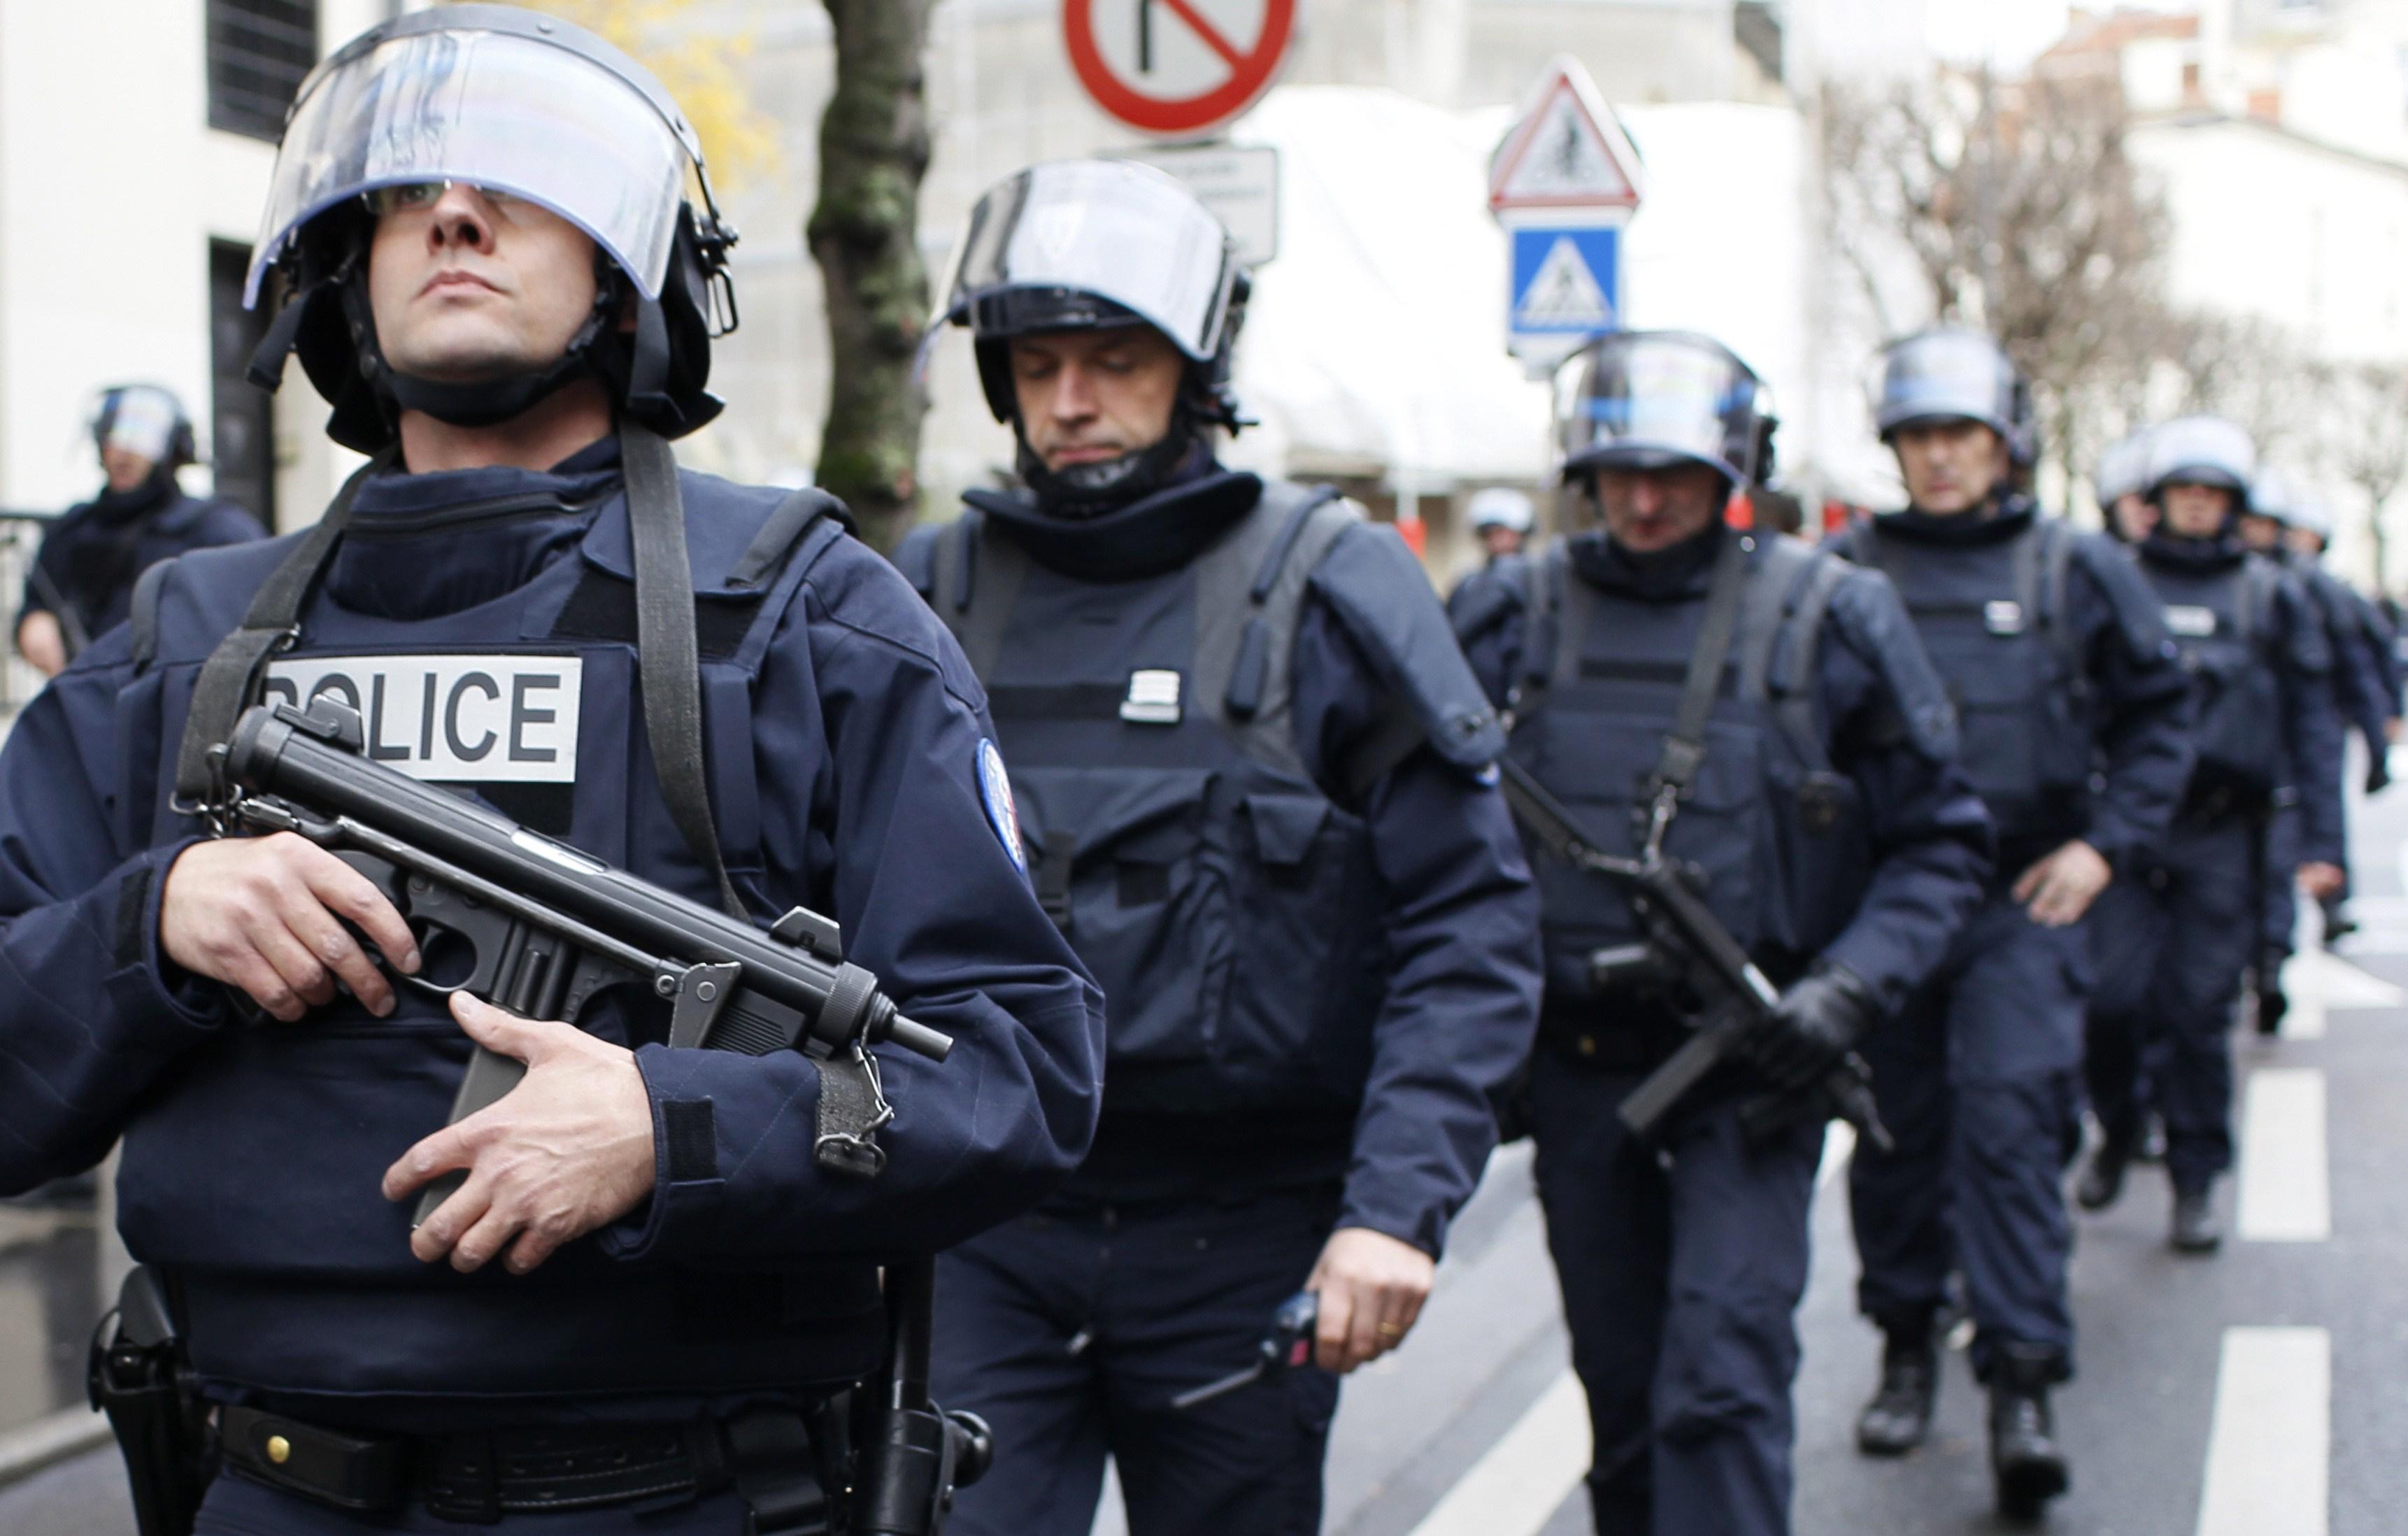 فرنسا..ملاحقات ومداهمات للعناصر الإرهابيه وإحباط عمليتين إرهابيتين